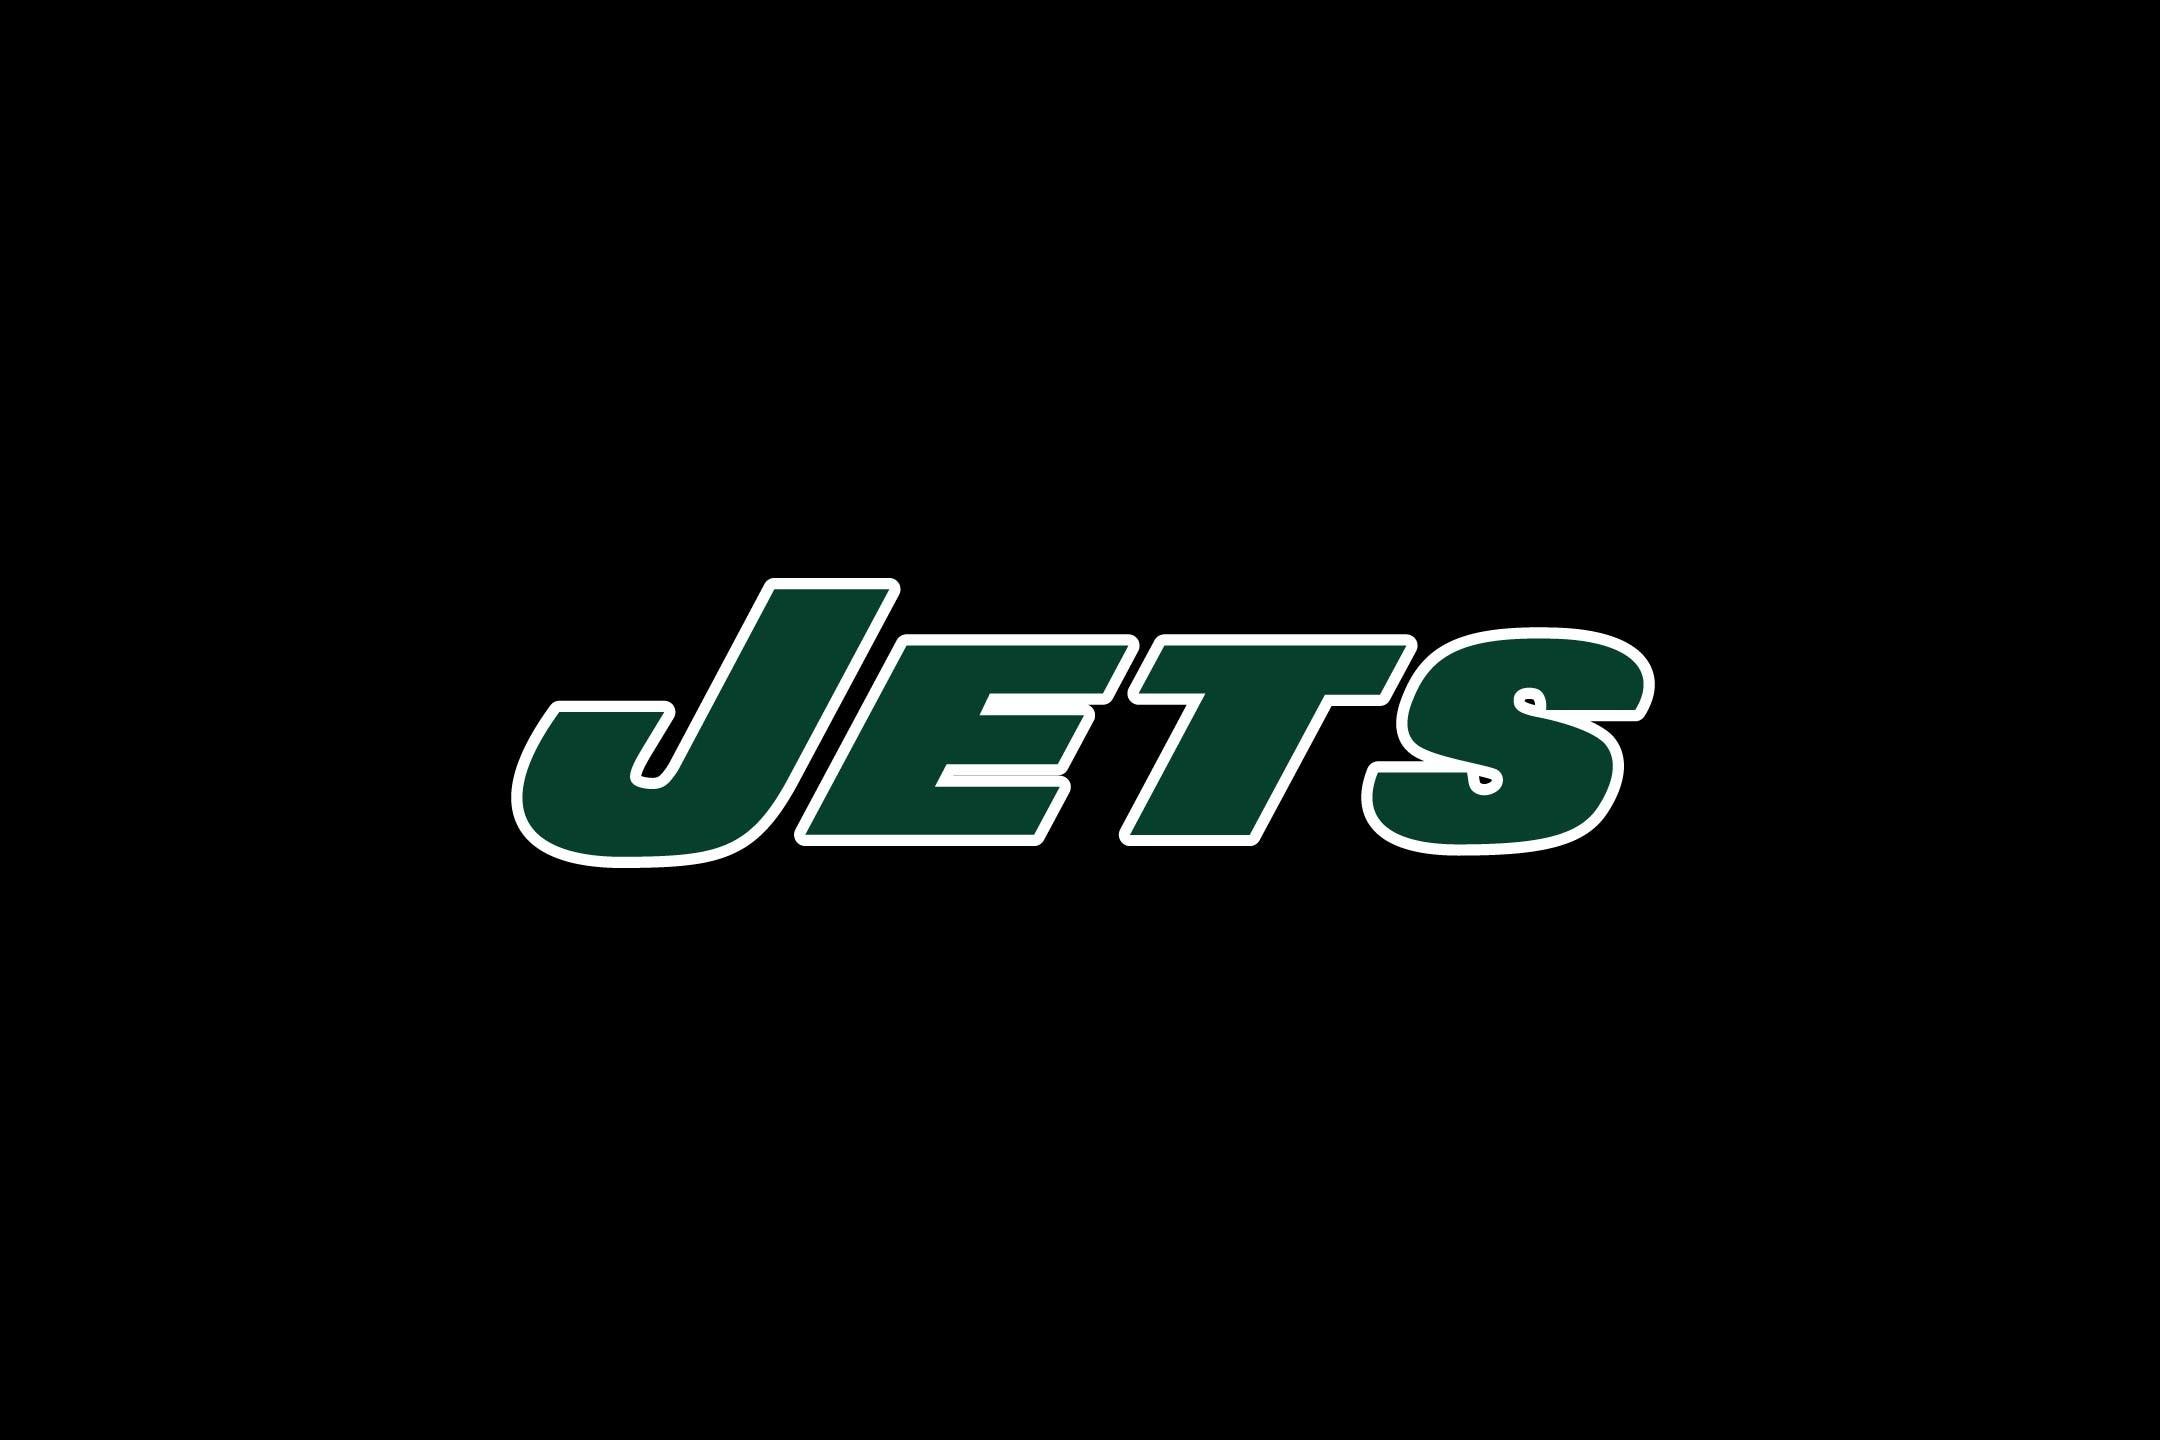 New York Jets Wallpaper – WallpaperSafari